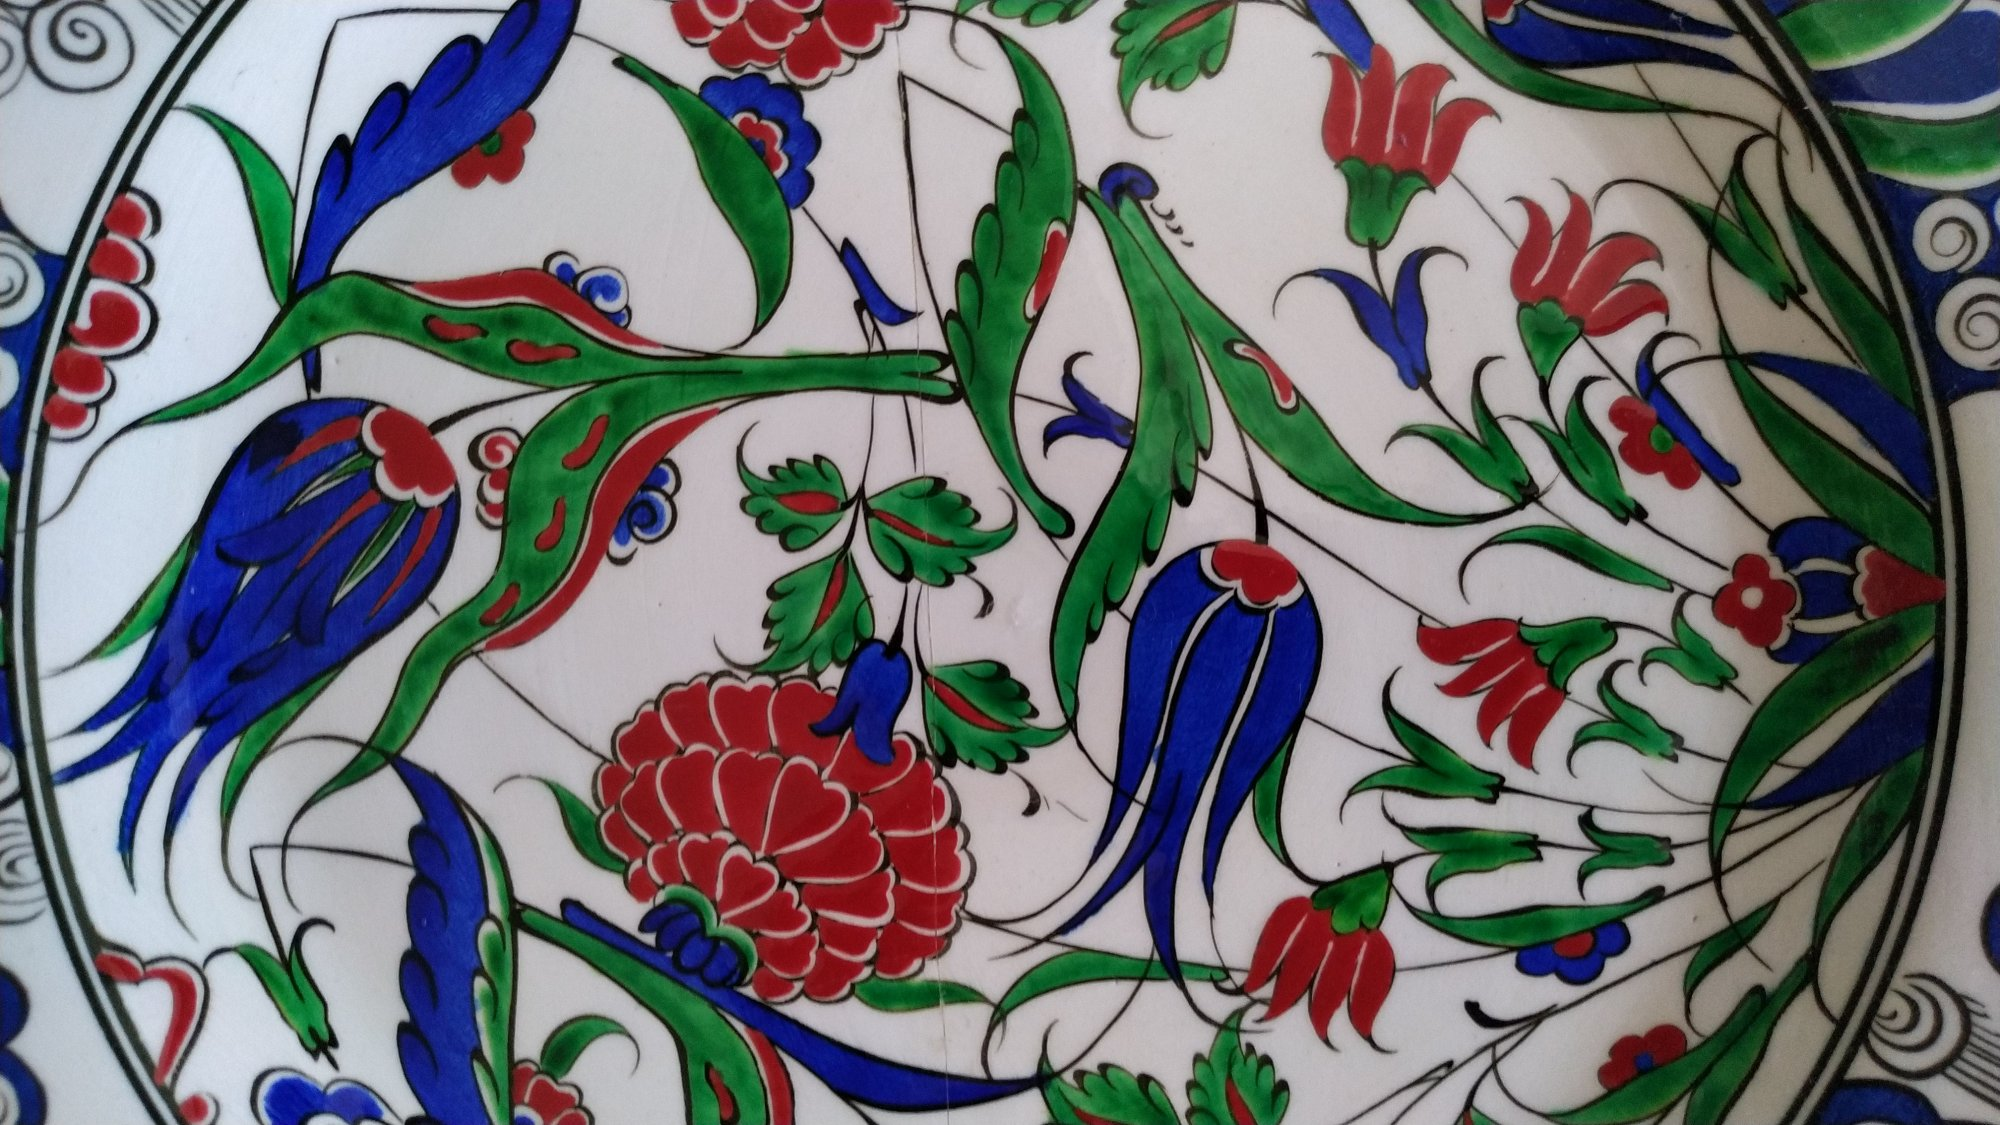 16, Yüzyıl Osmalı Replika Desenli Dekal Logolu Çini Tabaklar